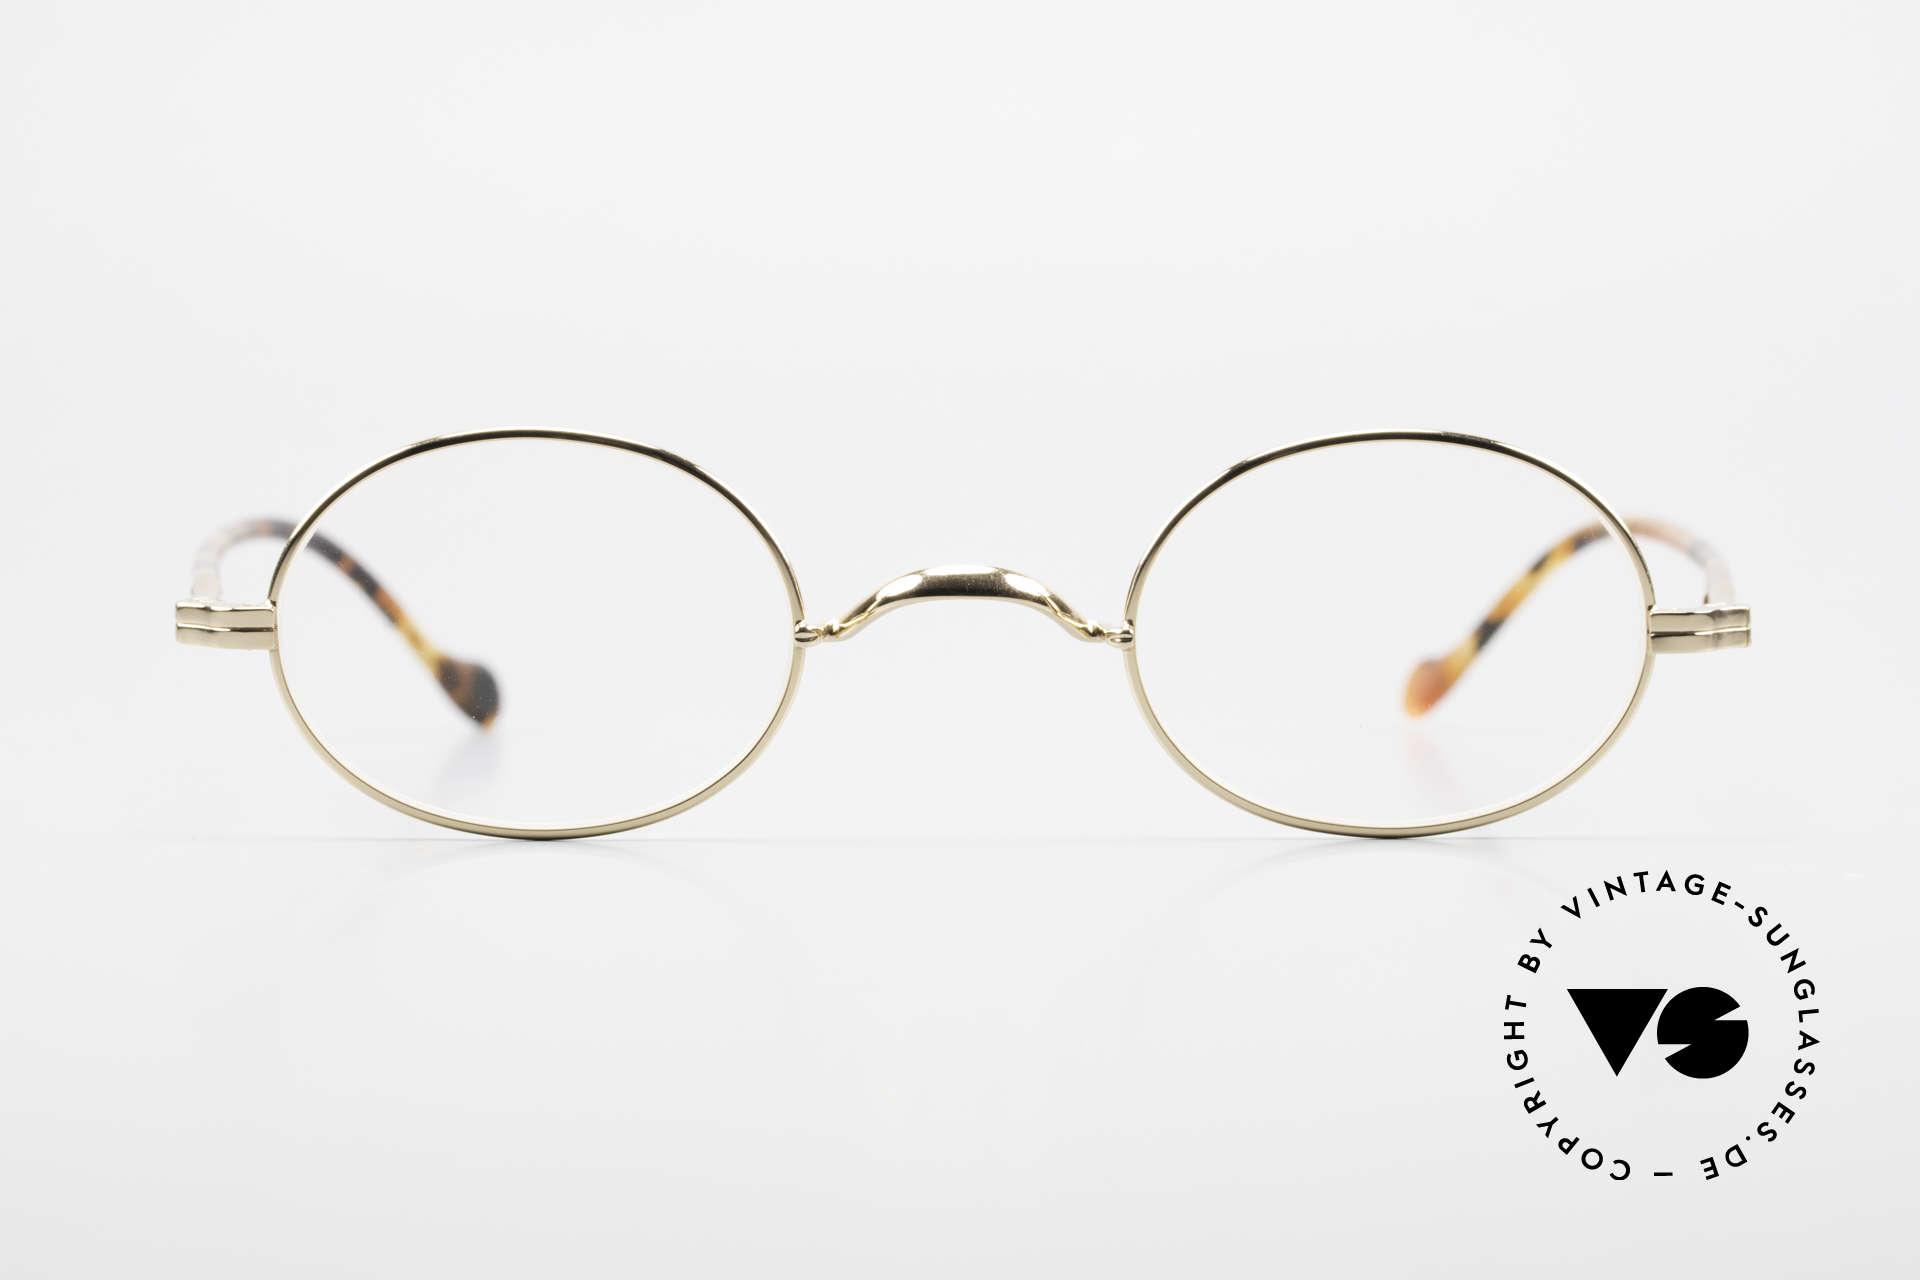 Lunor II A 10 Ovale Vintage Brille Vergoldet, deutsches Traditionsunternehmen; made in Germany, Passend für Herren und Damen